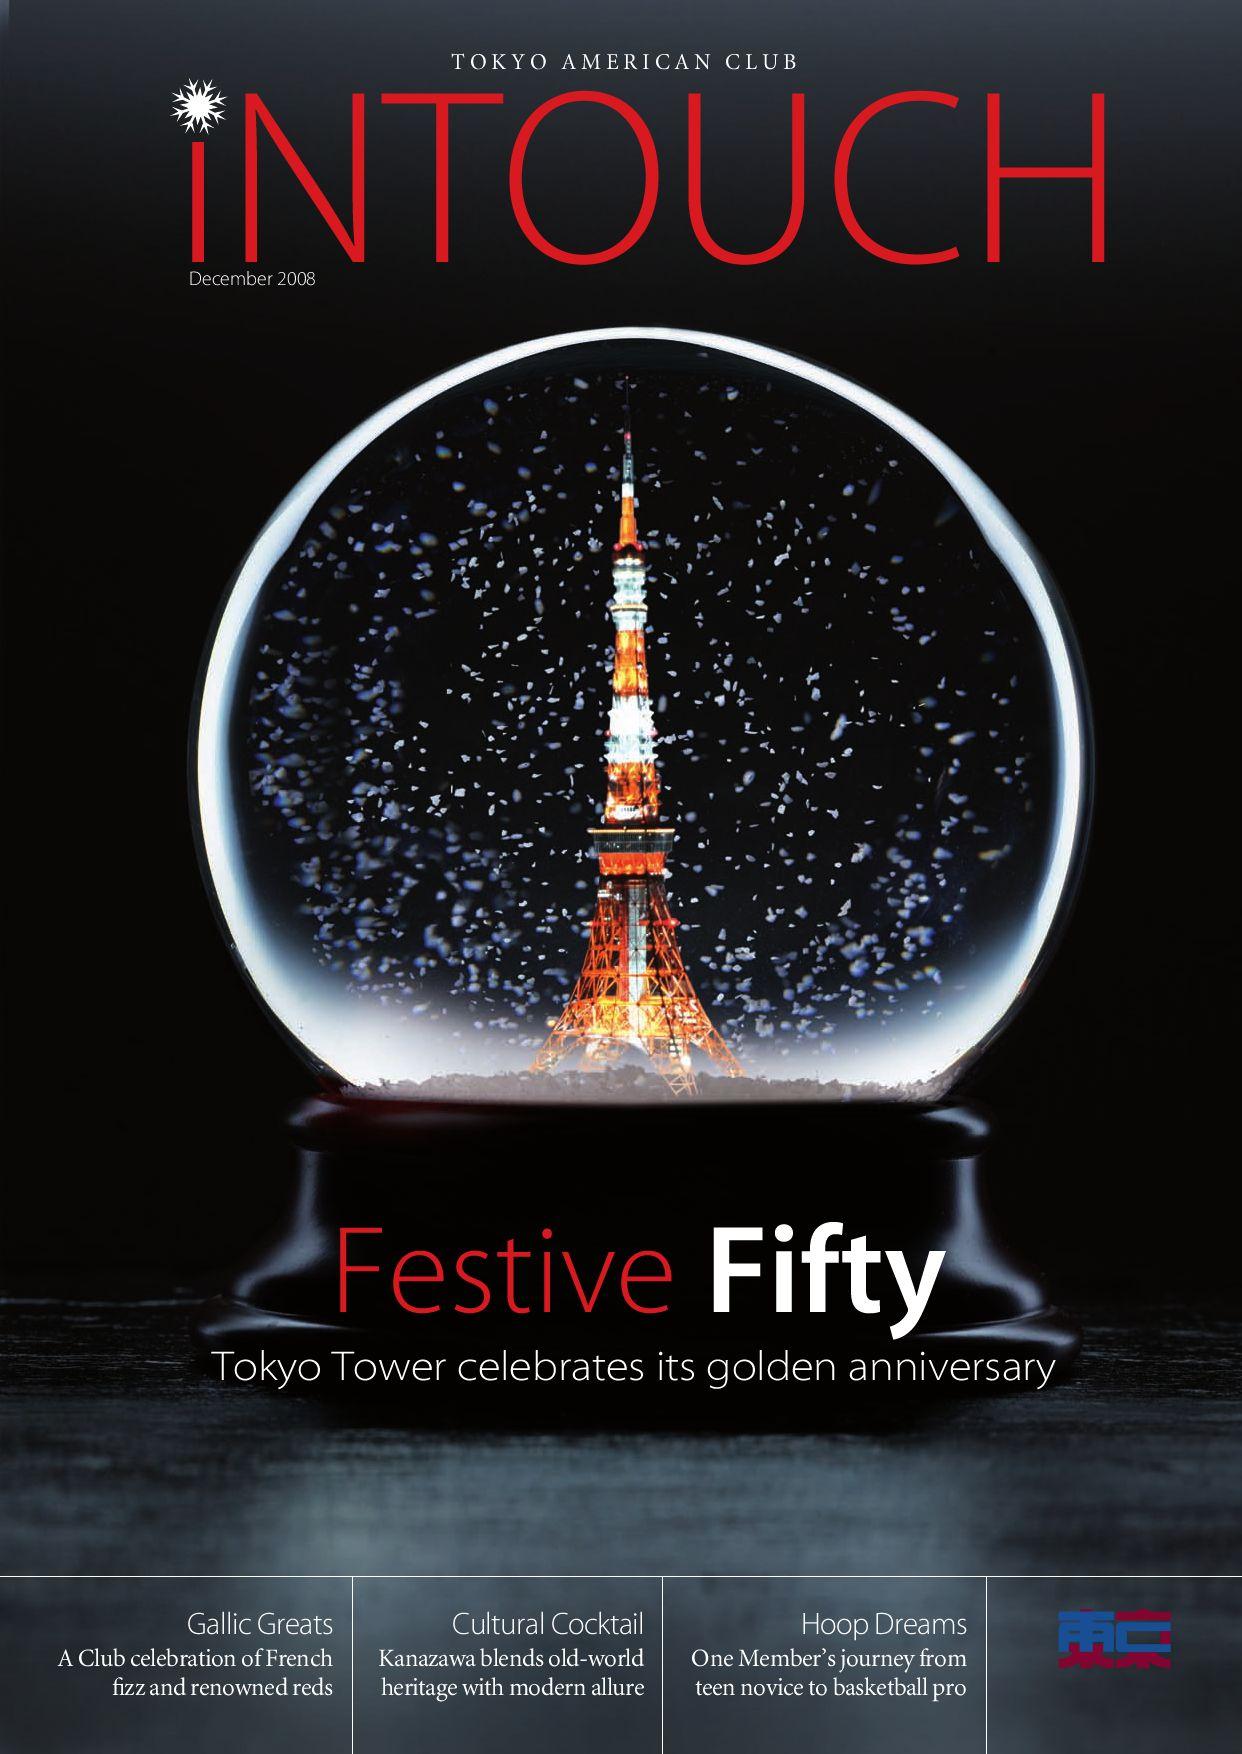 6b0d93caa8 iNTOUCH Dec 2008 by Tokyo American Club - issuu